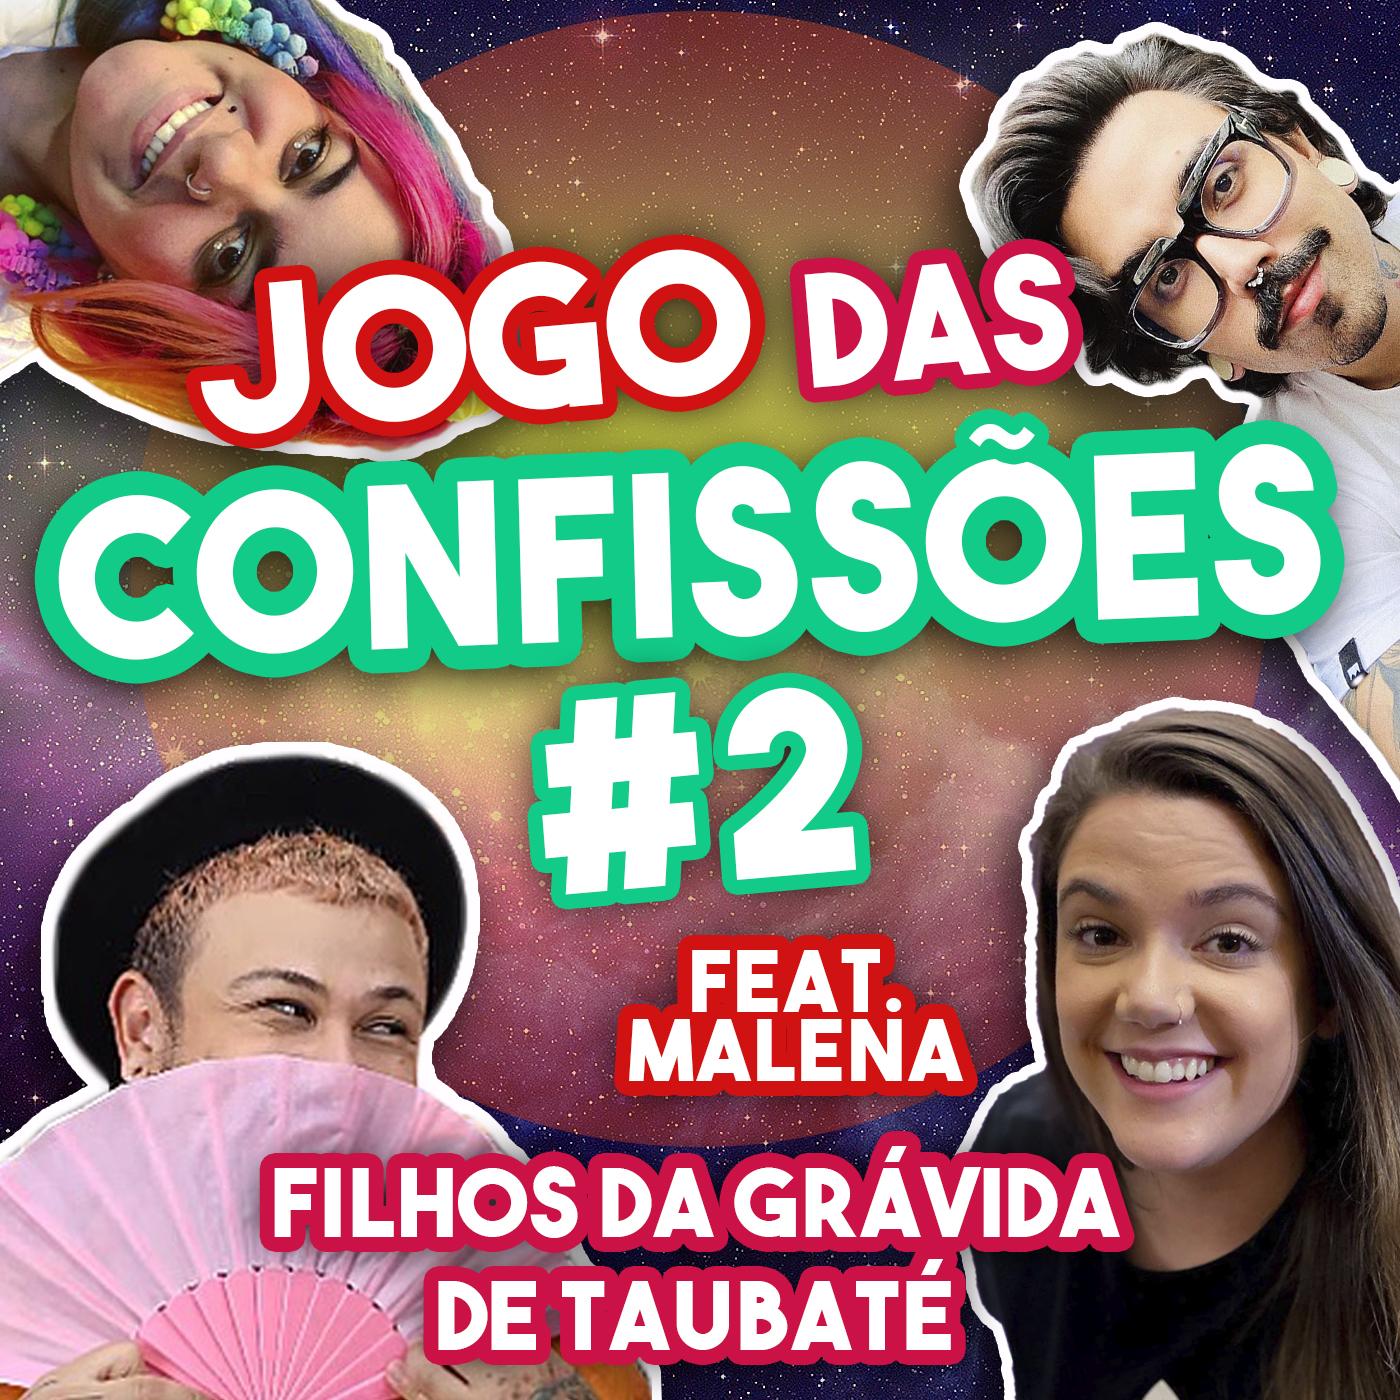 #120 - Jogo das Confissões #2 (feat. Malena)